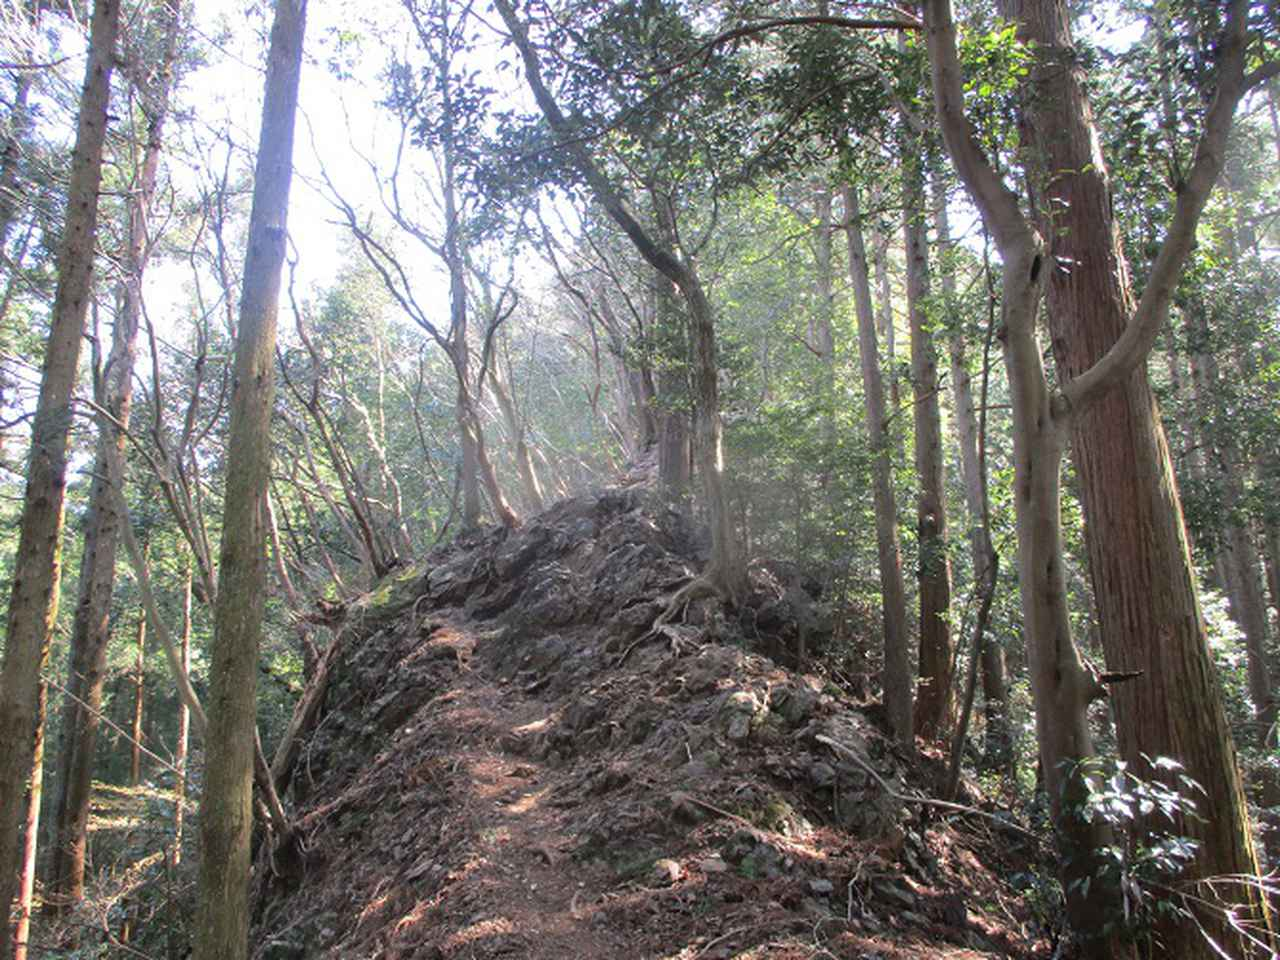 画像4: 企画素材を探して西武線沿線の 大高山から天覚山 を歩いてみました!